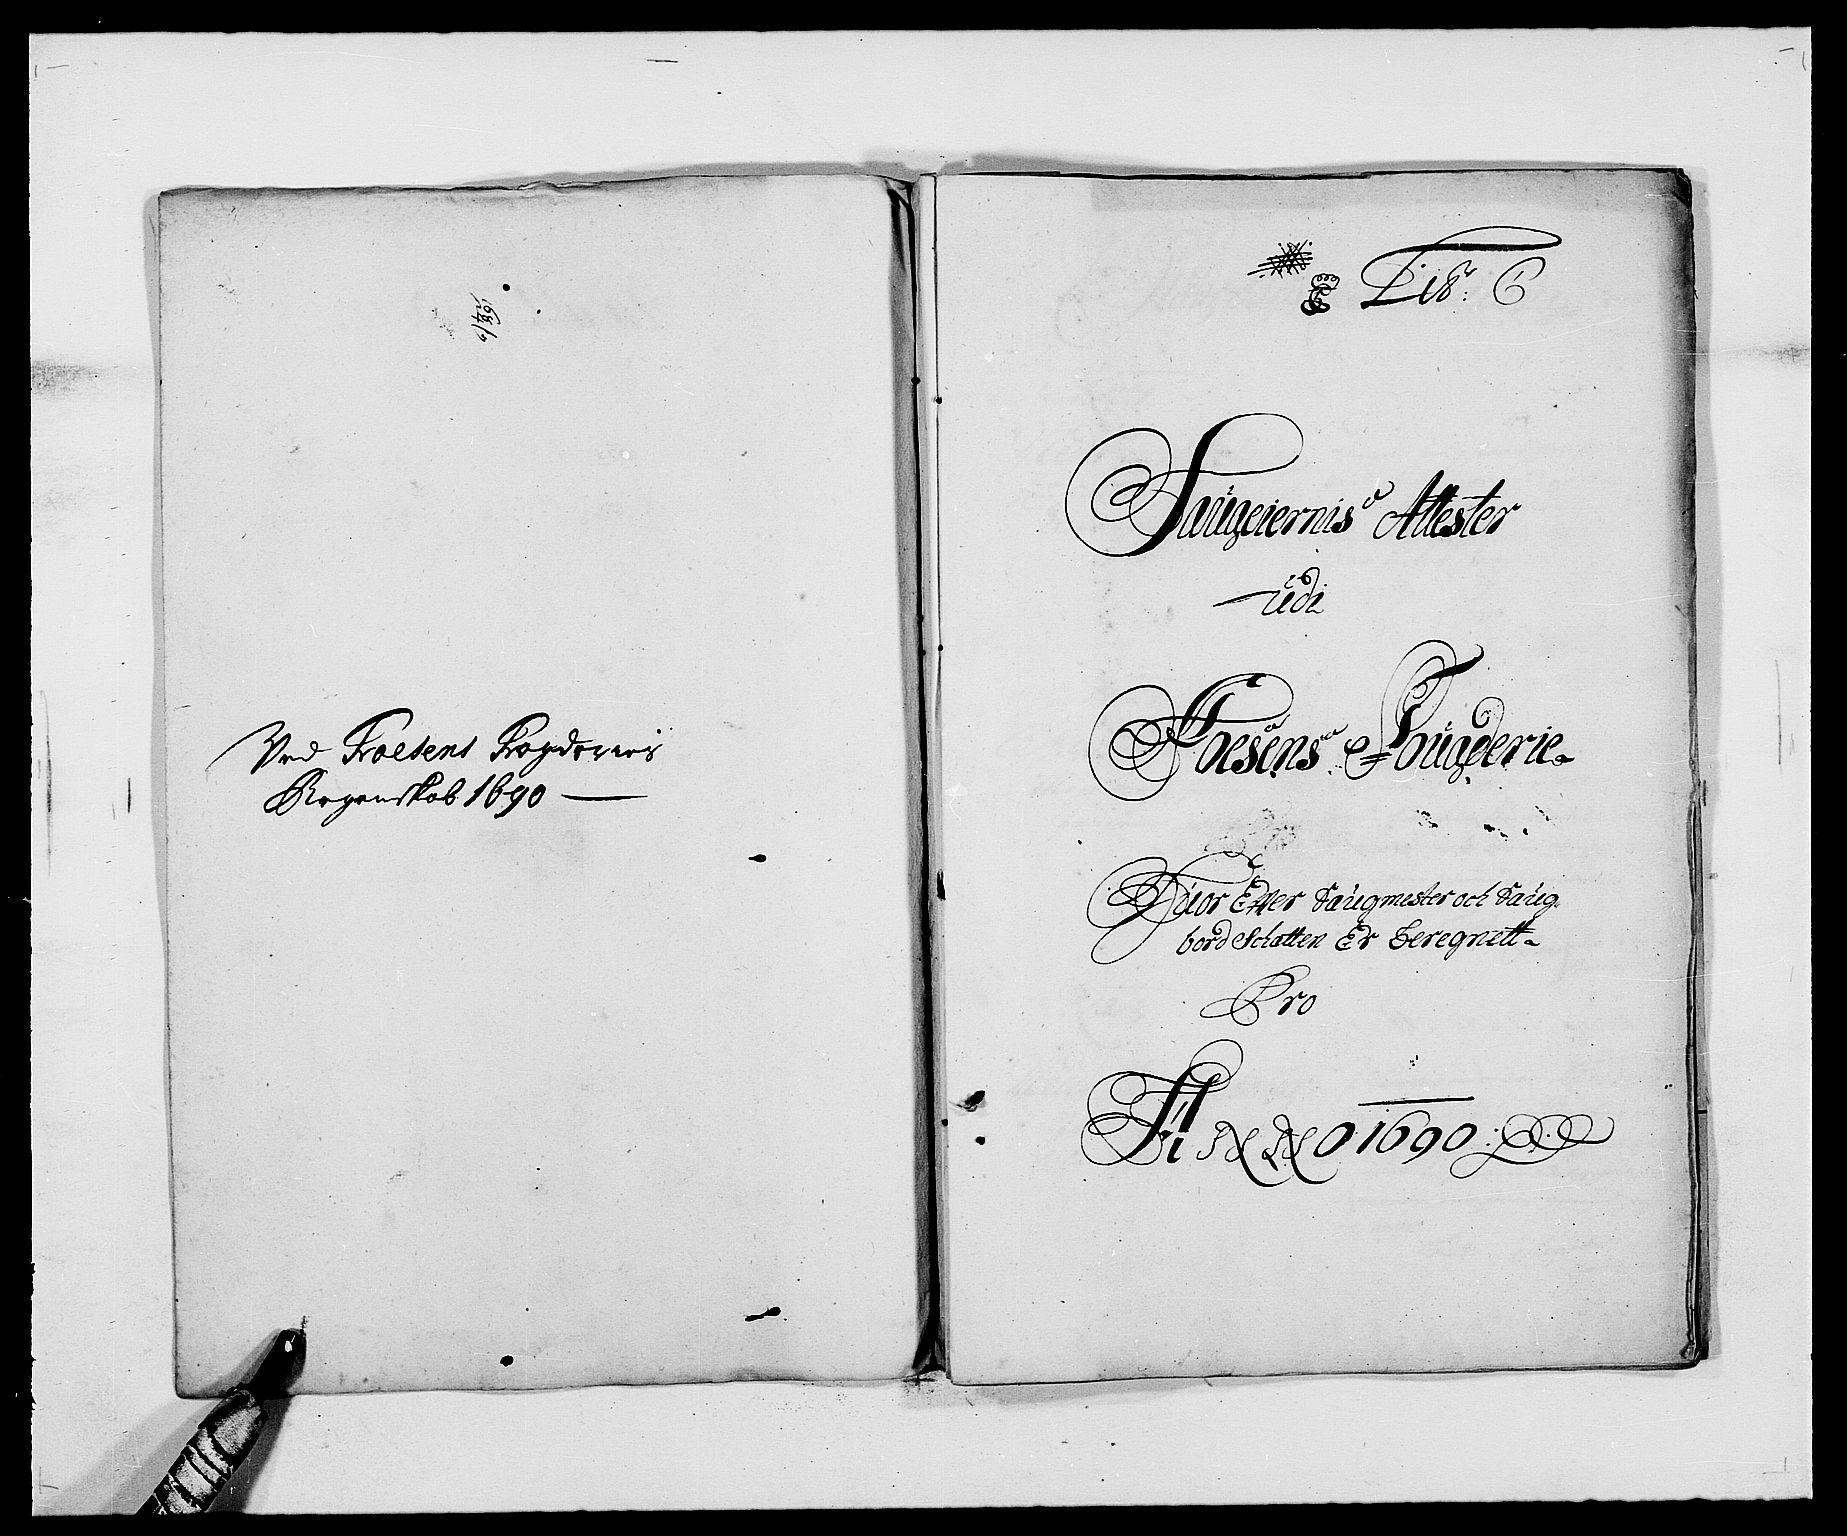 RA, Rentekammeret inntil 1814, Reviderte regnskaper, Fogderegnskap, R57/L3848: Fogderegnskap Fosen, 1690-1691, s. 69